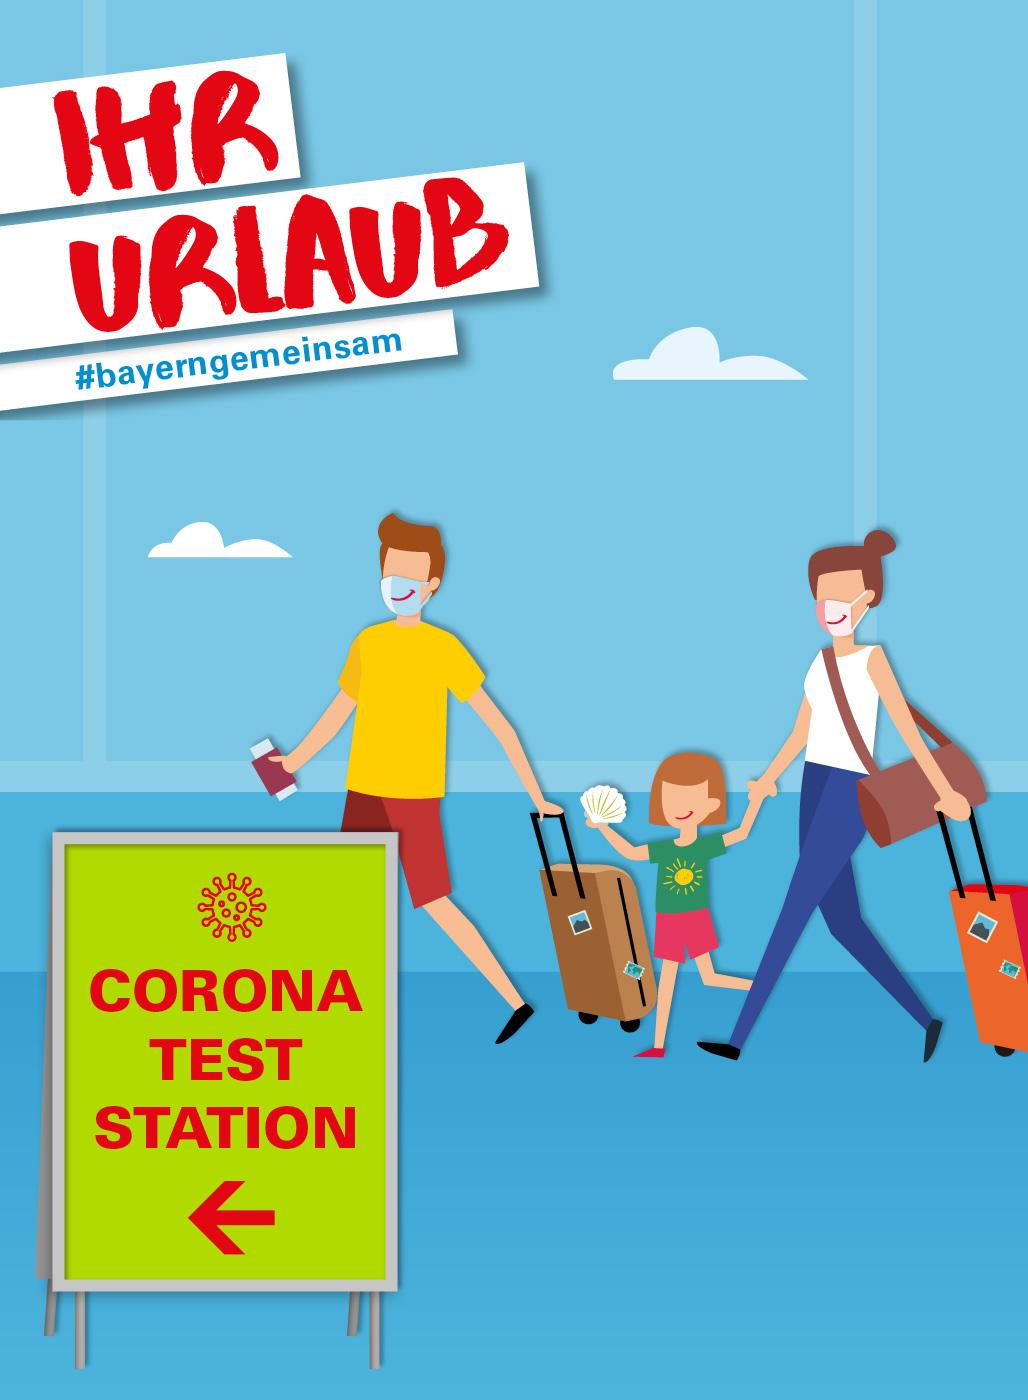 Bild für Kampagne: Ihr Urlaub: #bayerngemeinsam. Corona-Test-Station